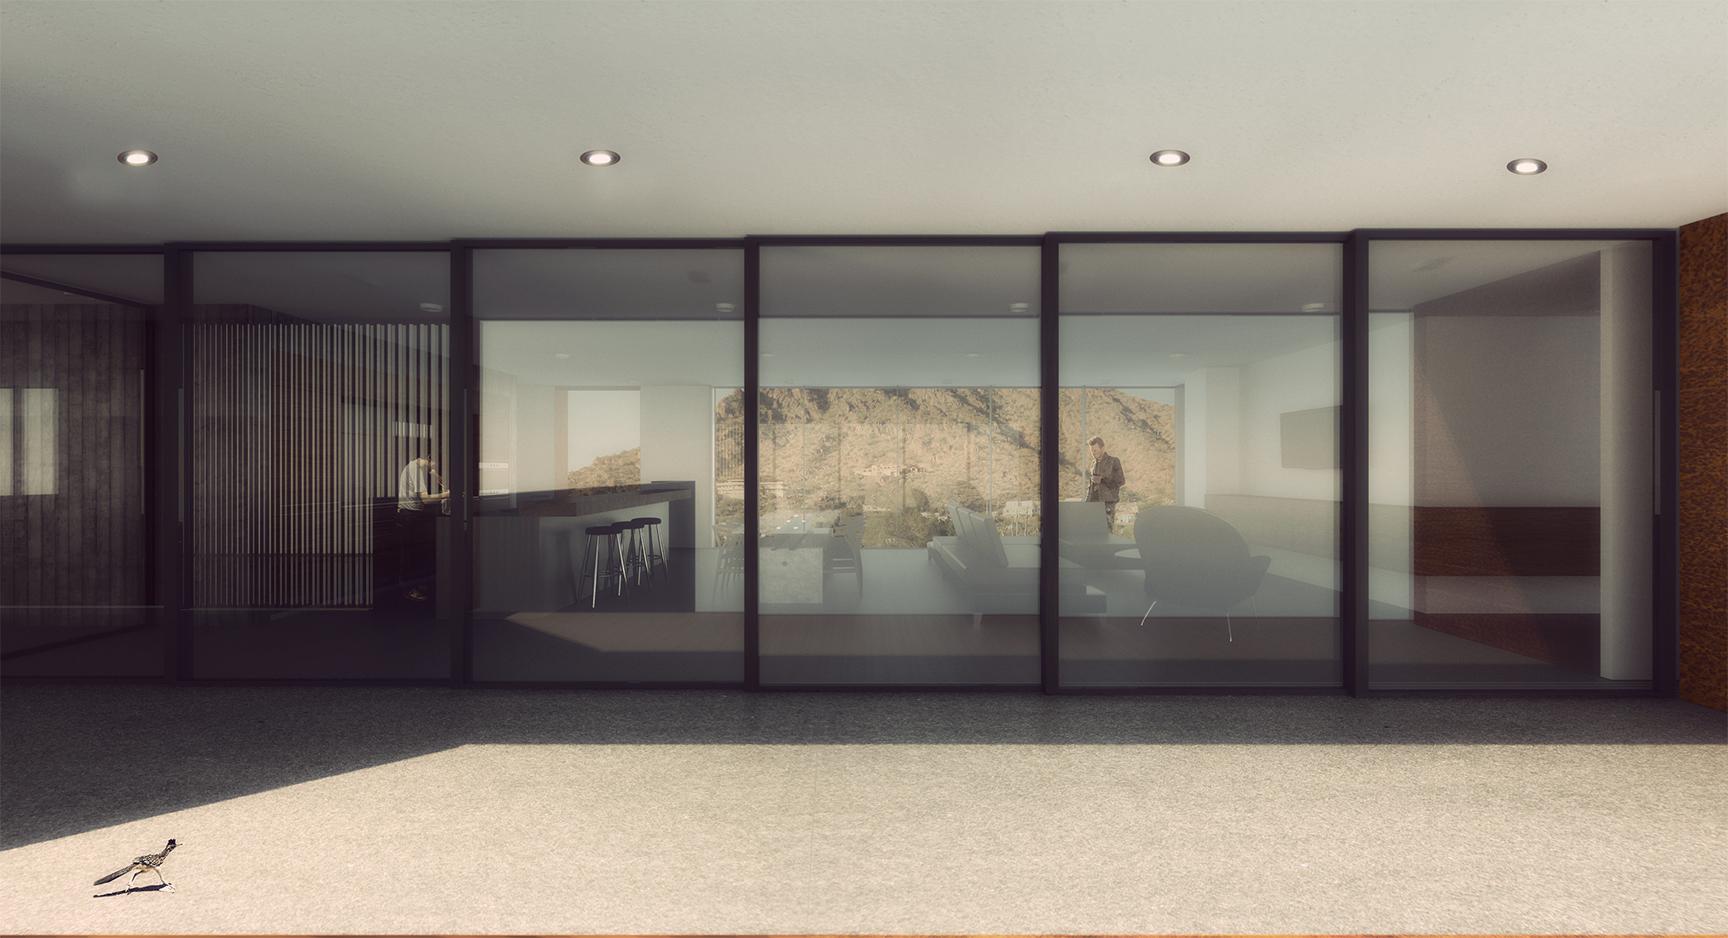 14 Desert Bridge Residence - Chen + Suchart Studio.jpg